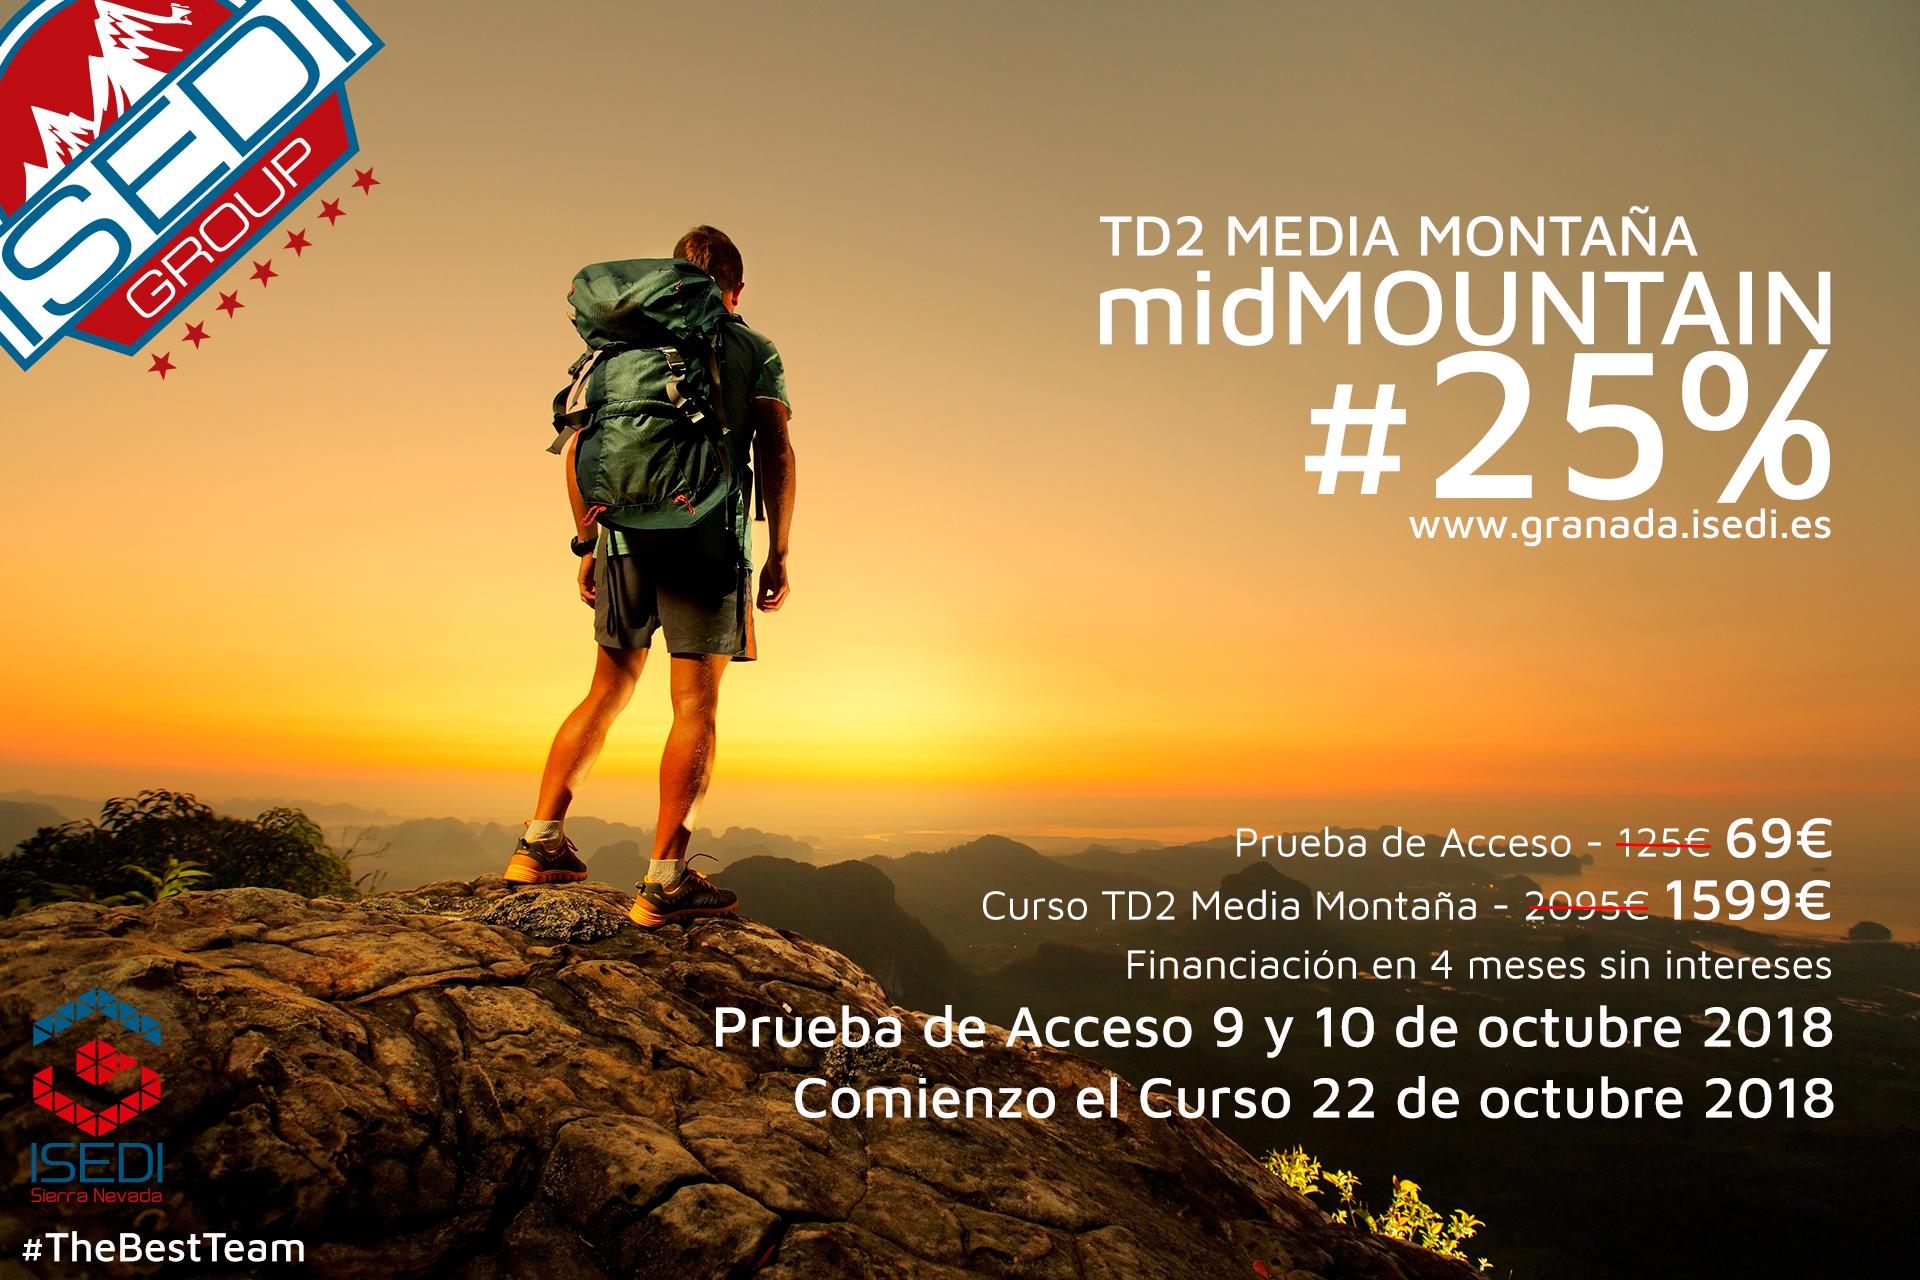 Promoción midMOUNTAIN25 | TD2 Media Montaña